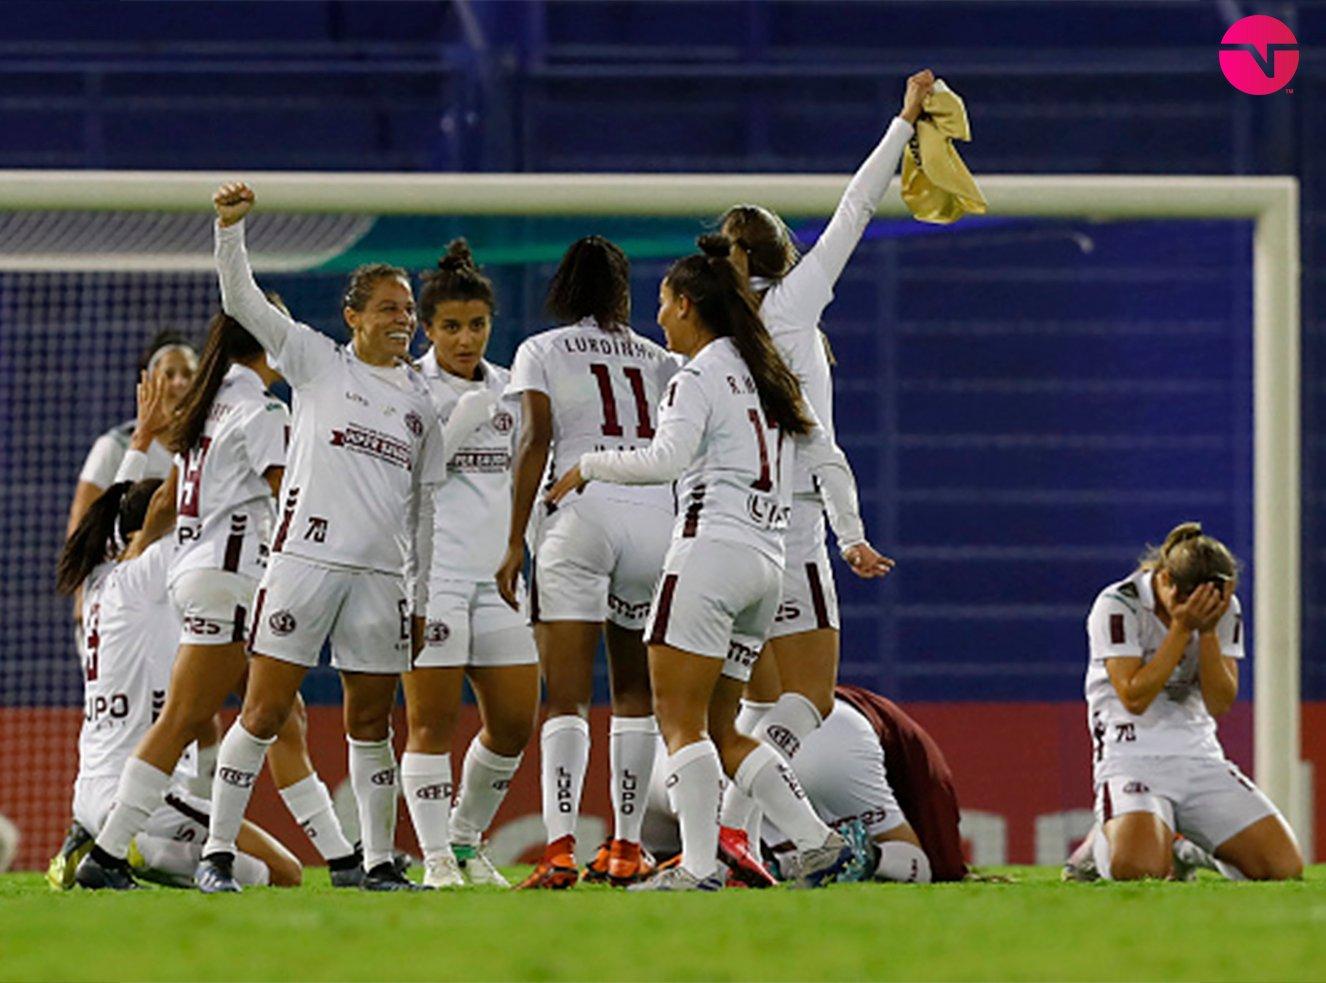 Ferroviária conquista pela segunda vez a Libertadores Feminina